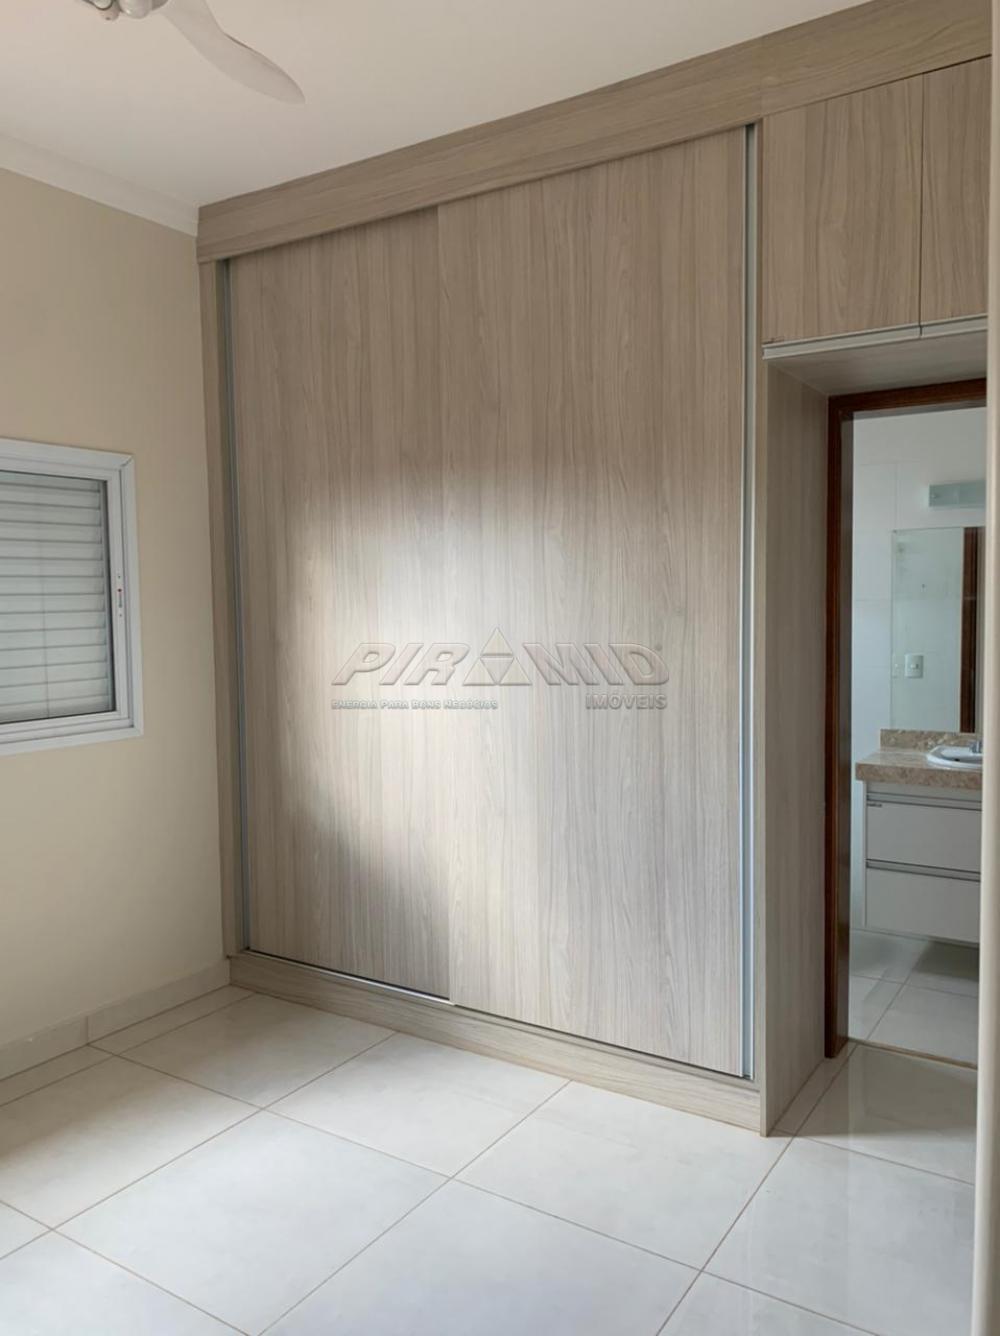 Comprar Casa / Condomínio em Bonfim Paulista R$ 780.000,00 - Foto 6